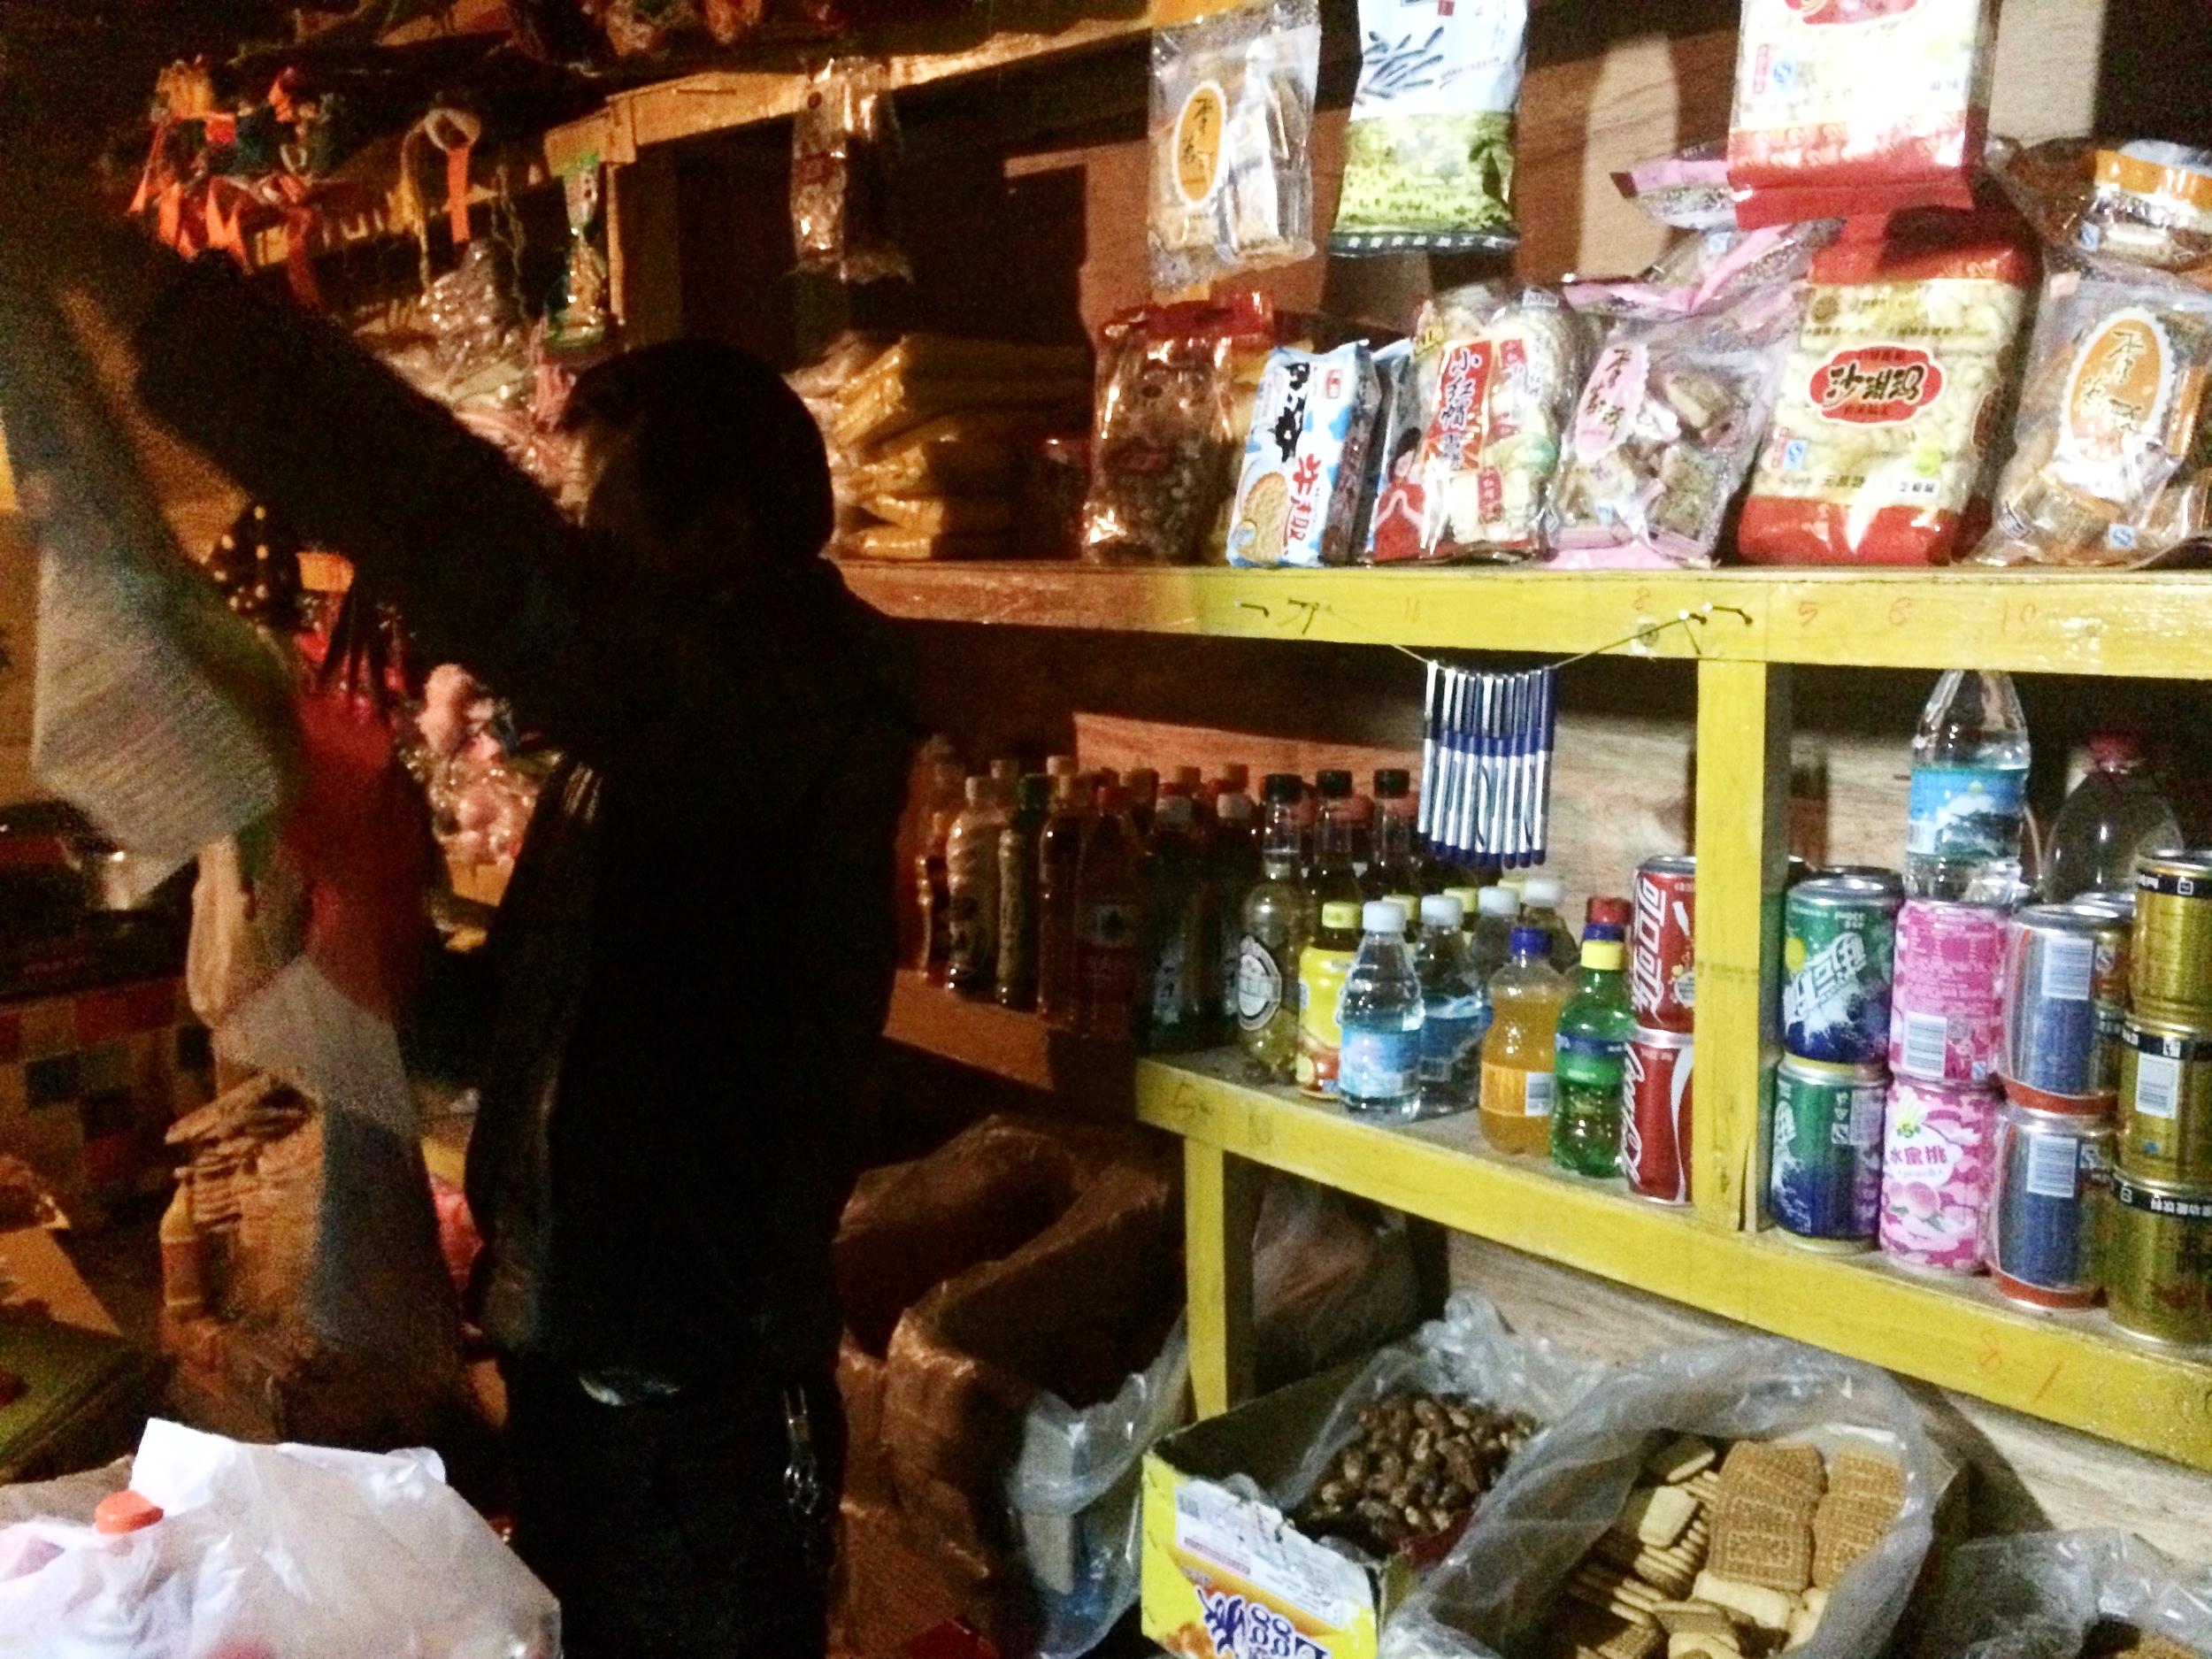 定日 I 往珠峰大本营前,停留在定日住一晚。到街上的杂货店补货,泡面尤其重要